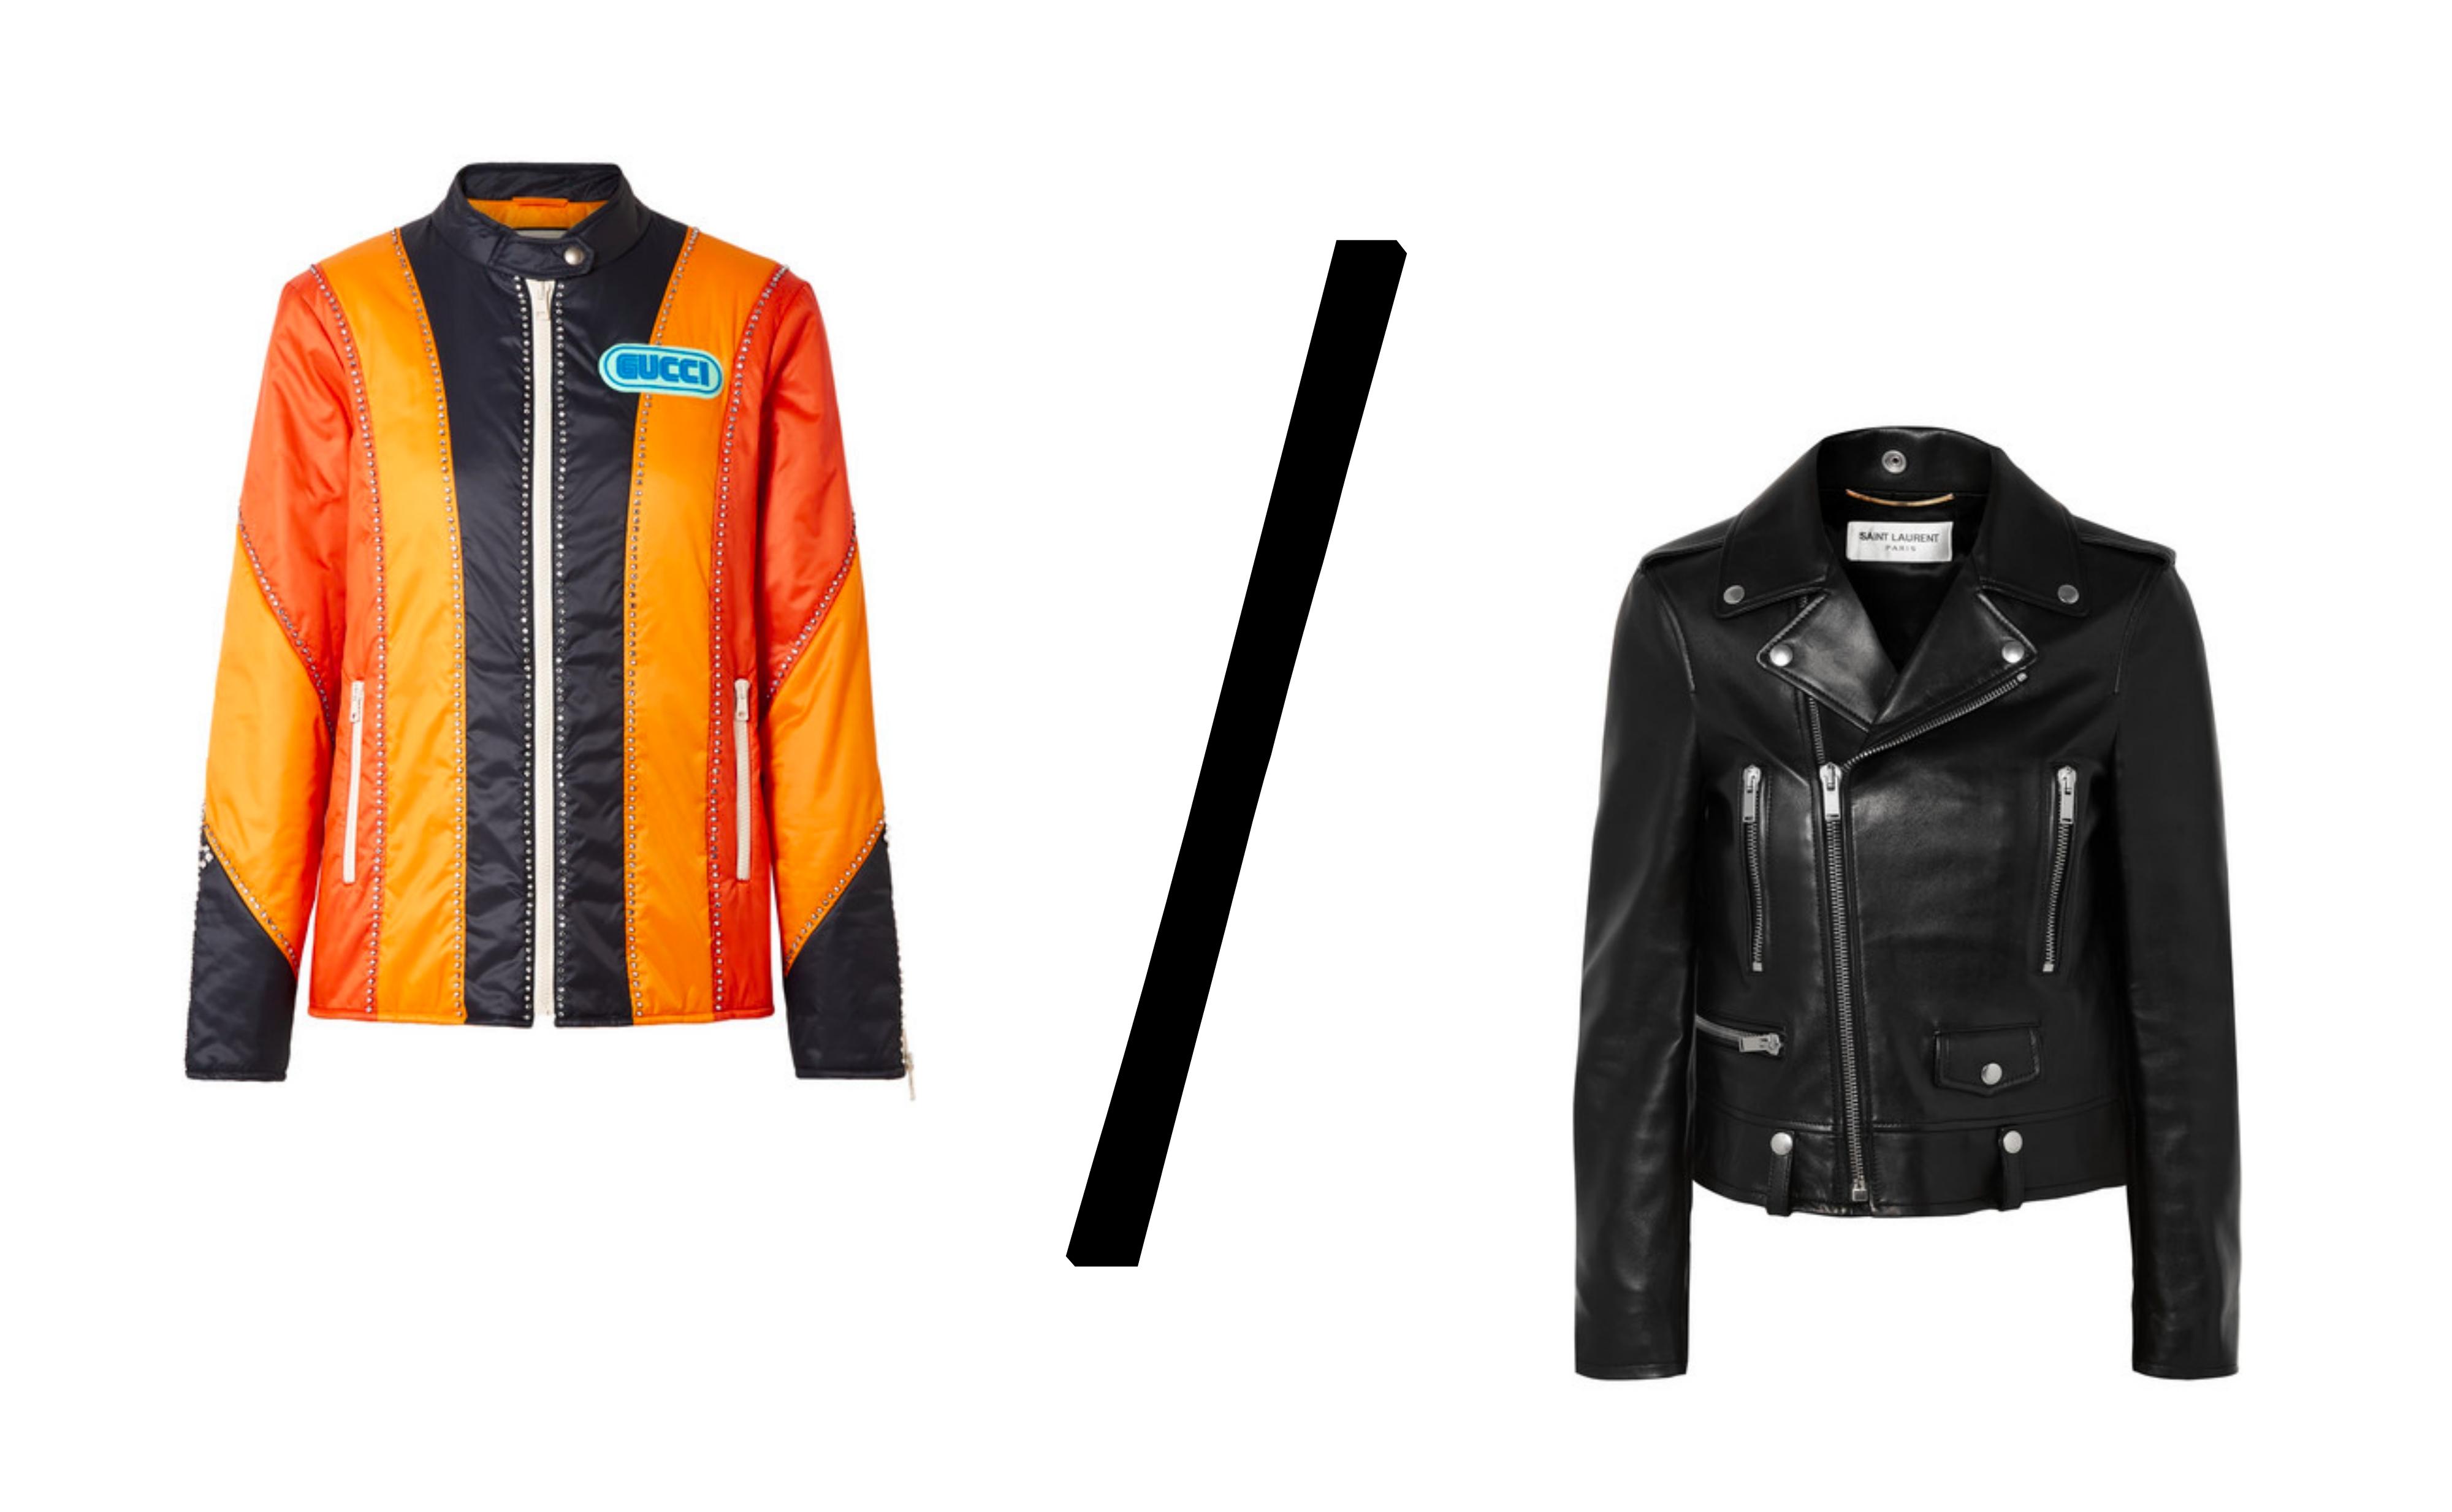 gucci-saint-laurent-leather-jacket-skinnjakke